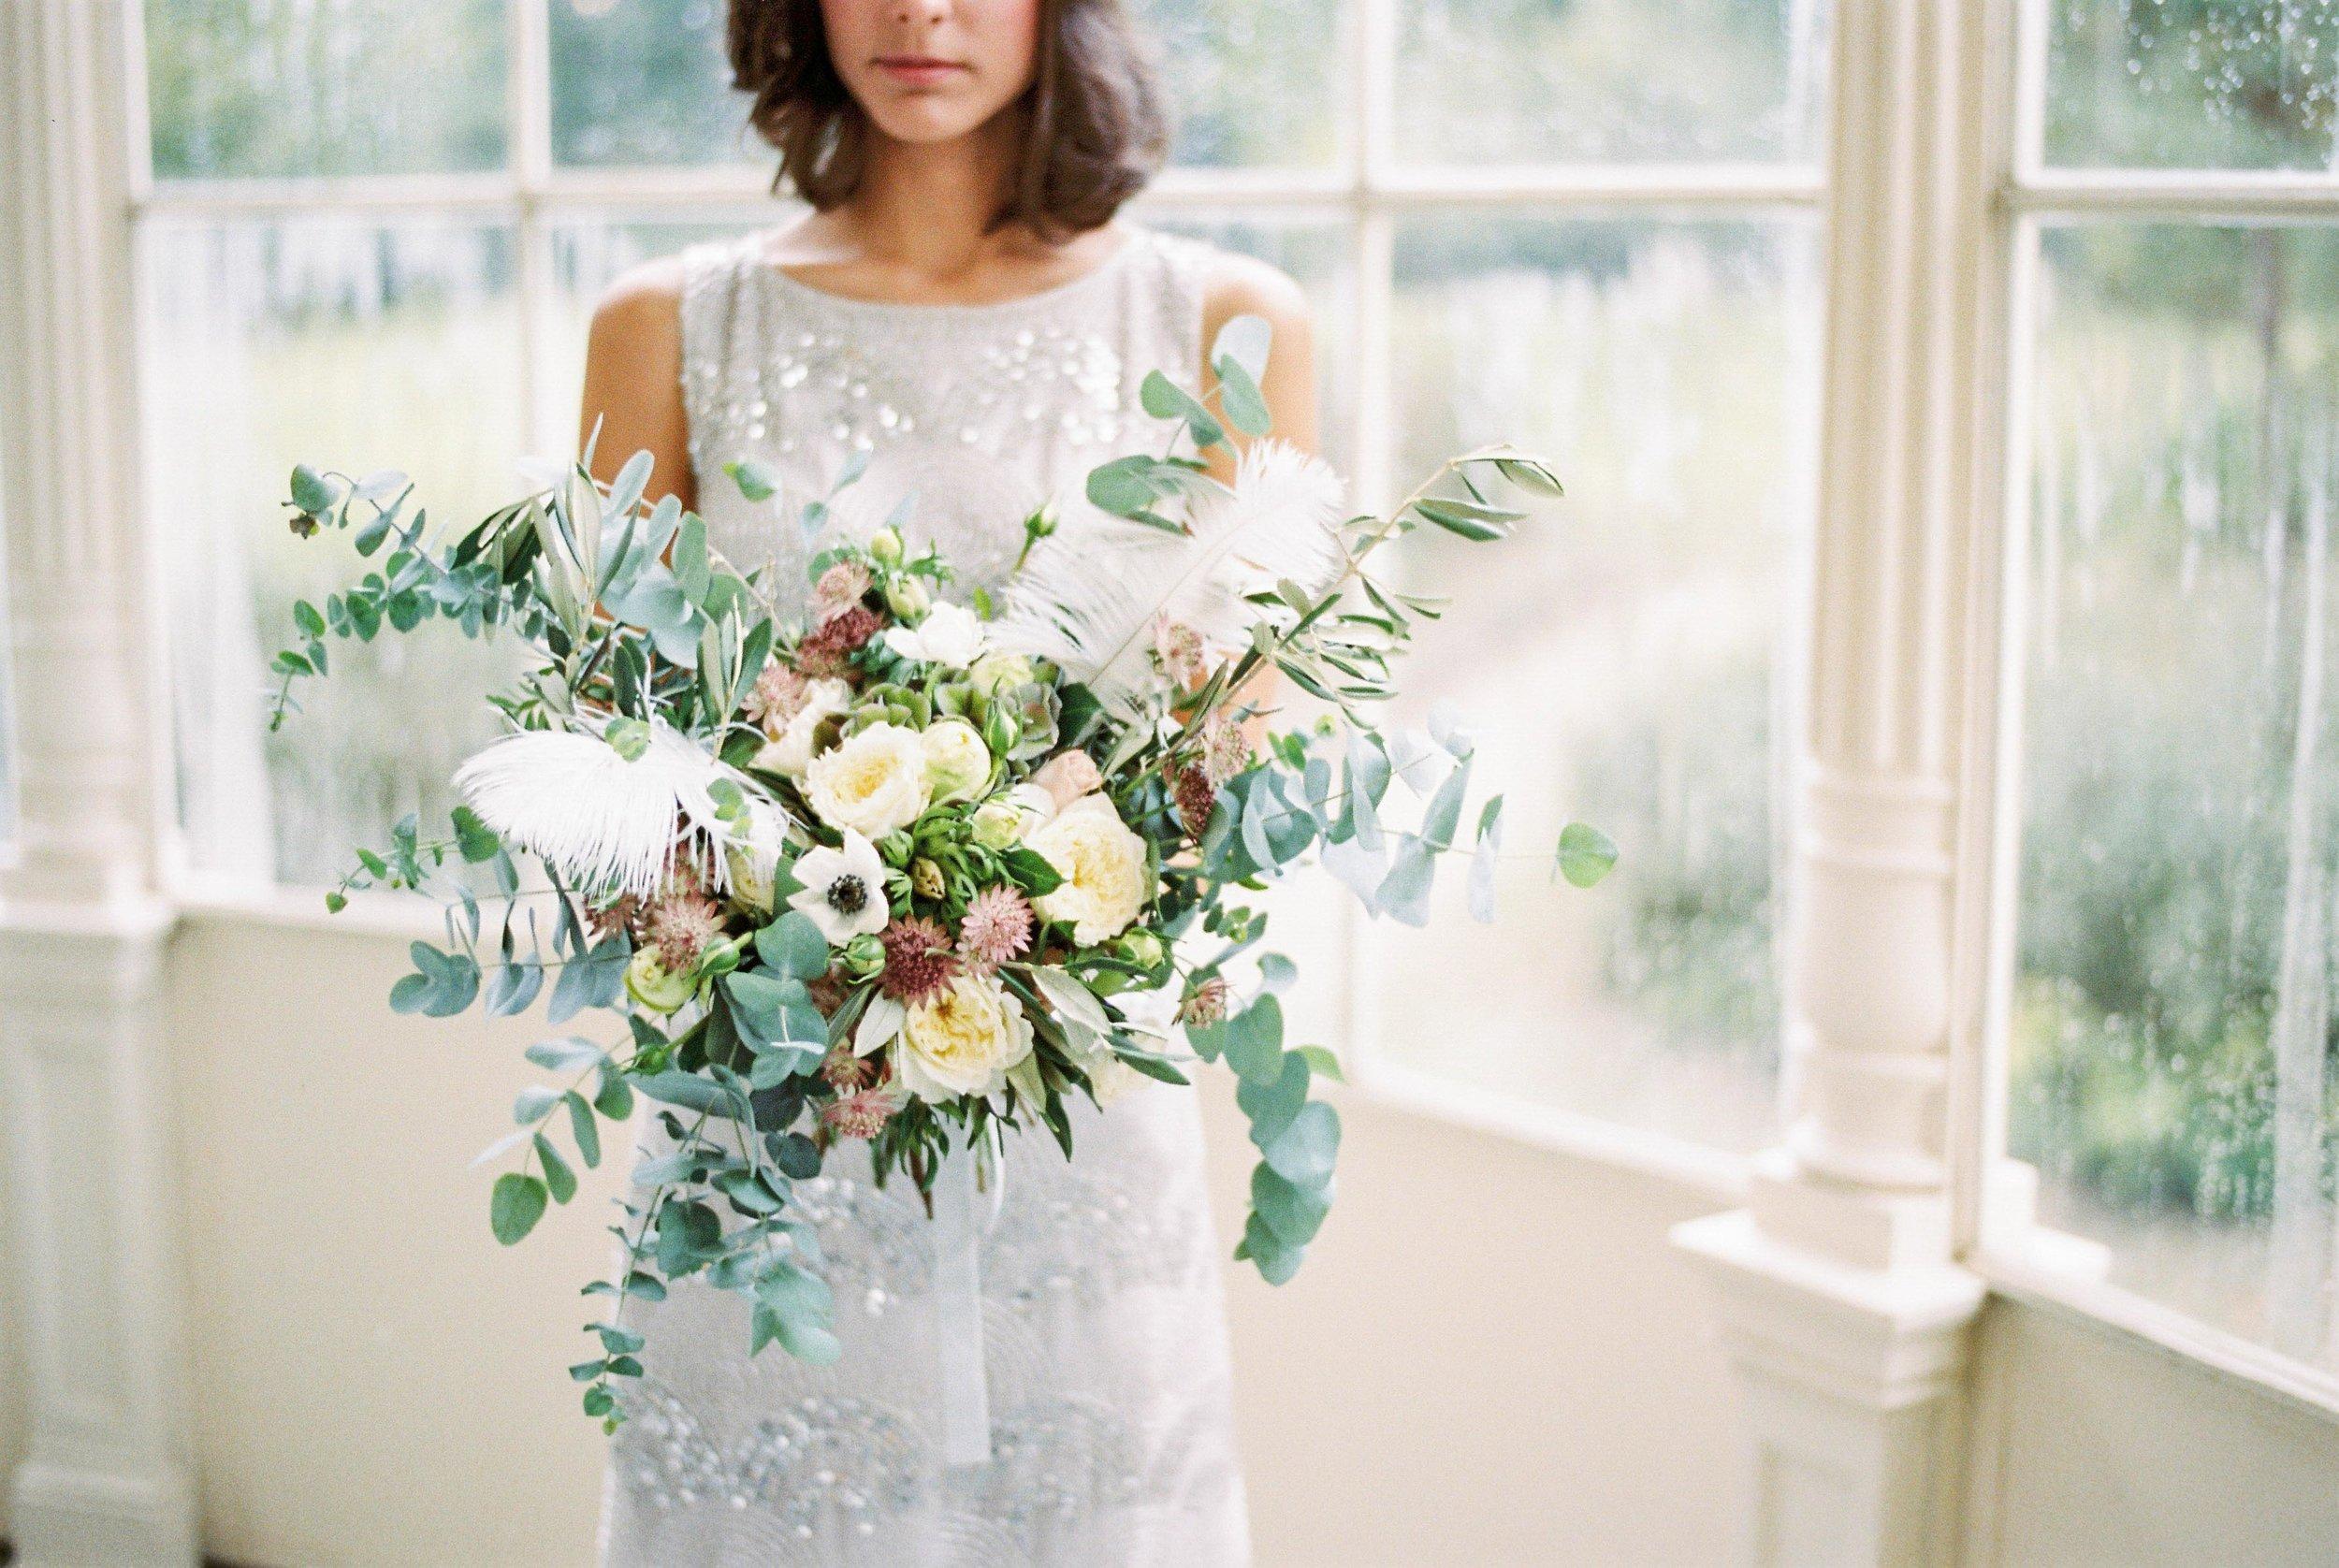 eskuvo-csokor-daalarna-natural-wedding-decor.jpg